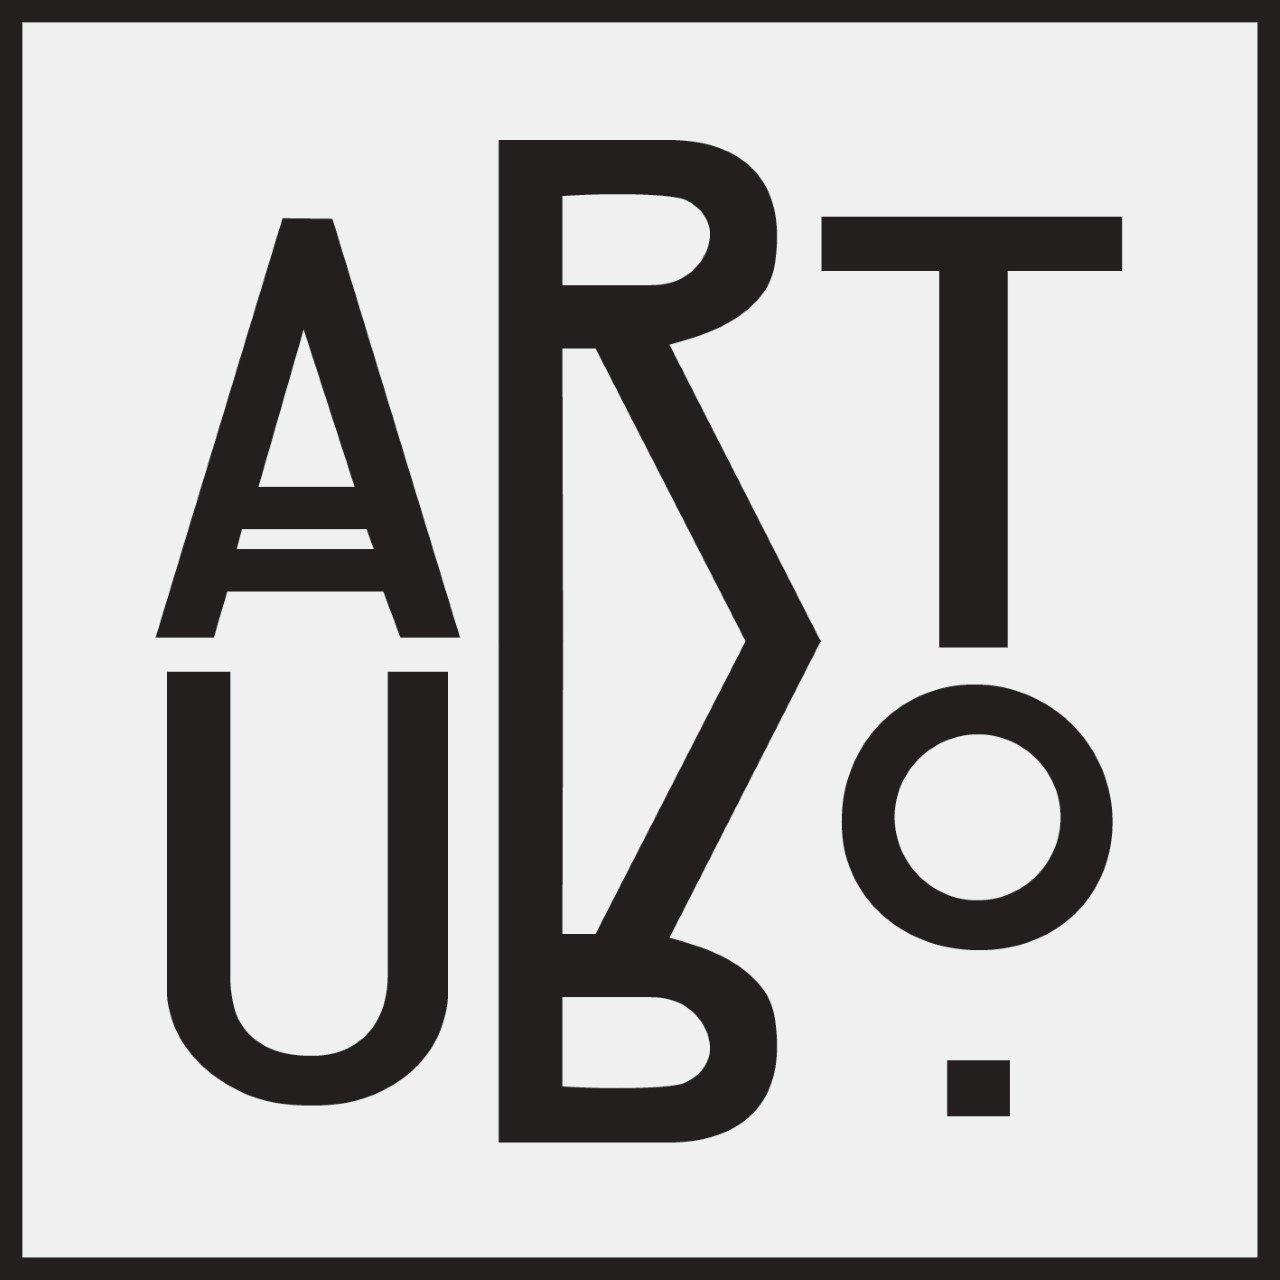 ARTURO etichetta discografica alternativa e ArtUro produzione artistica